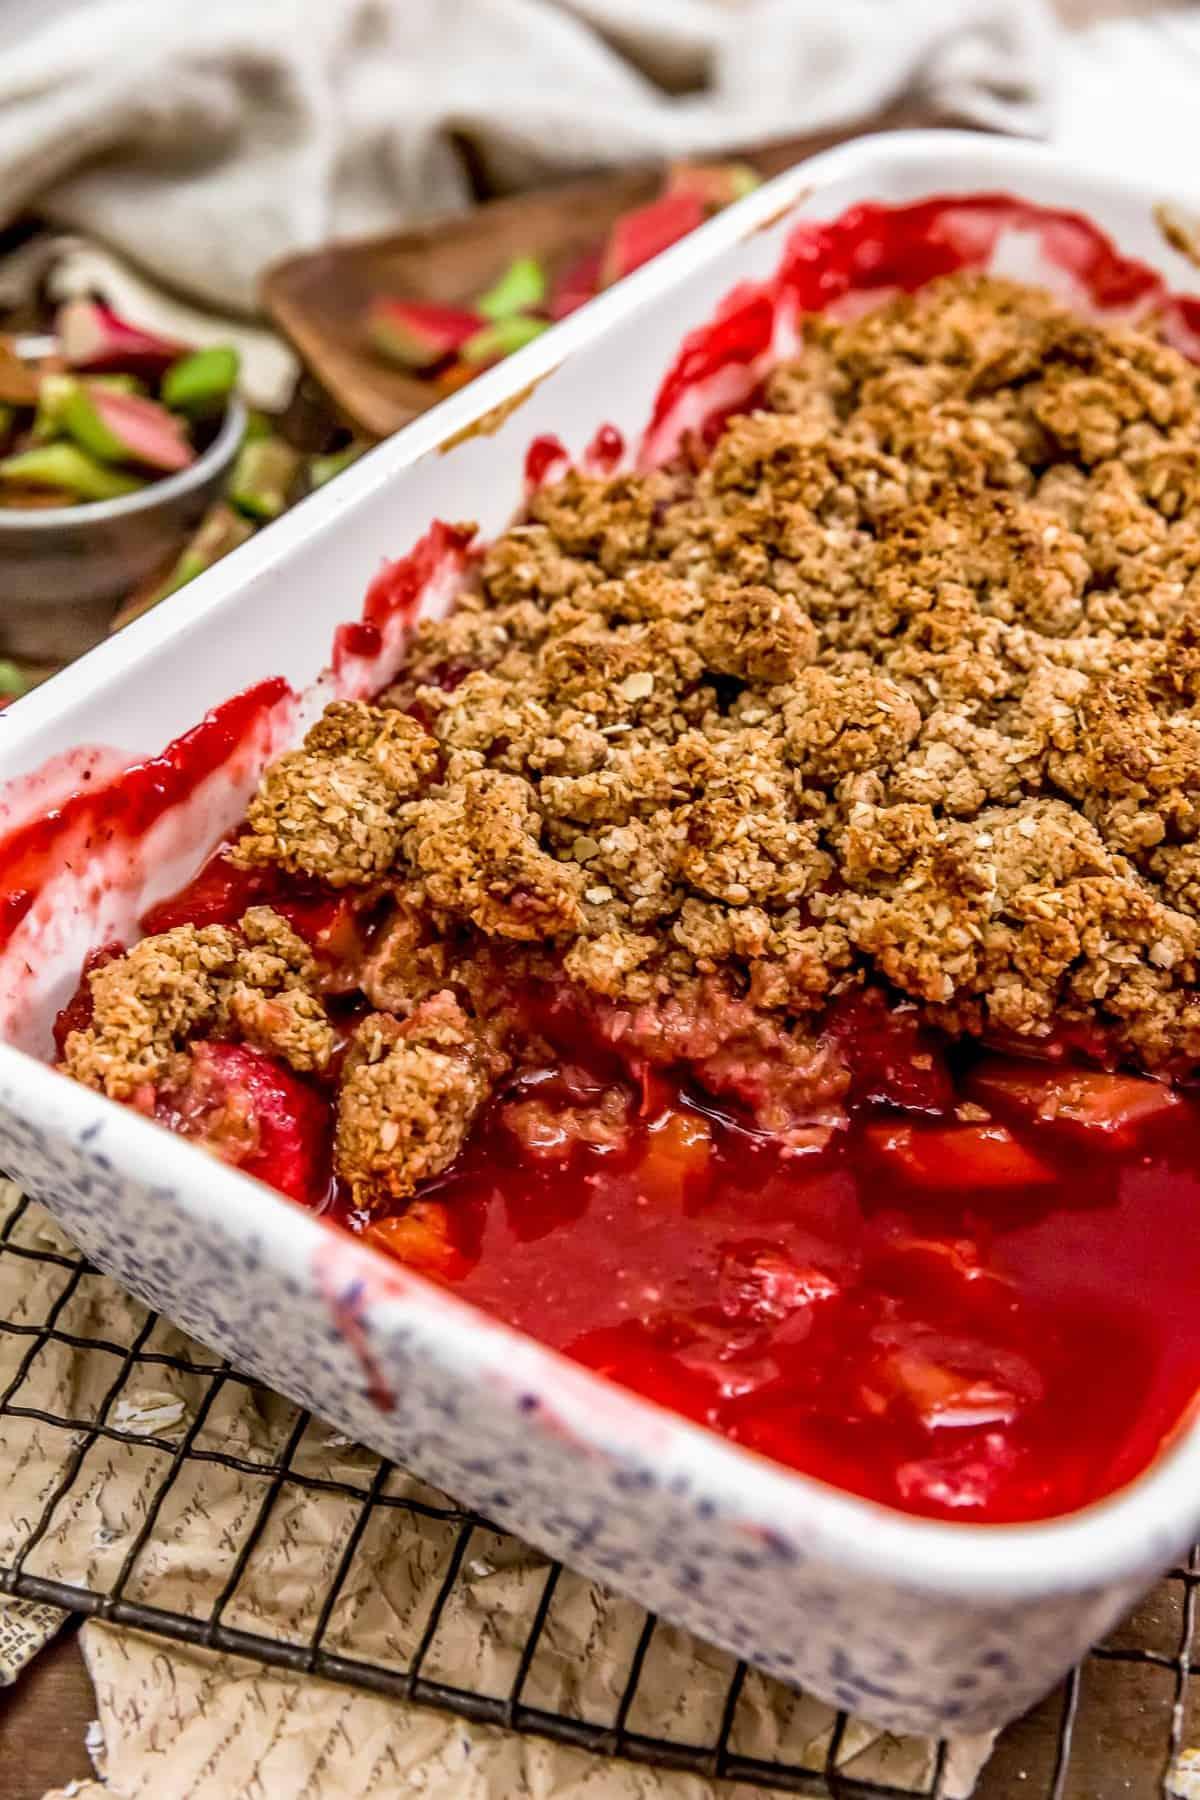 Eating Strawberry Rhubarb Crumble